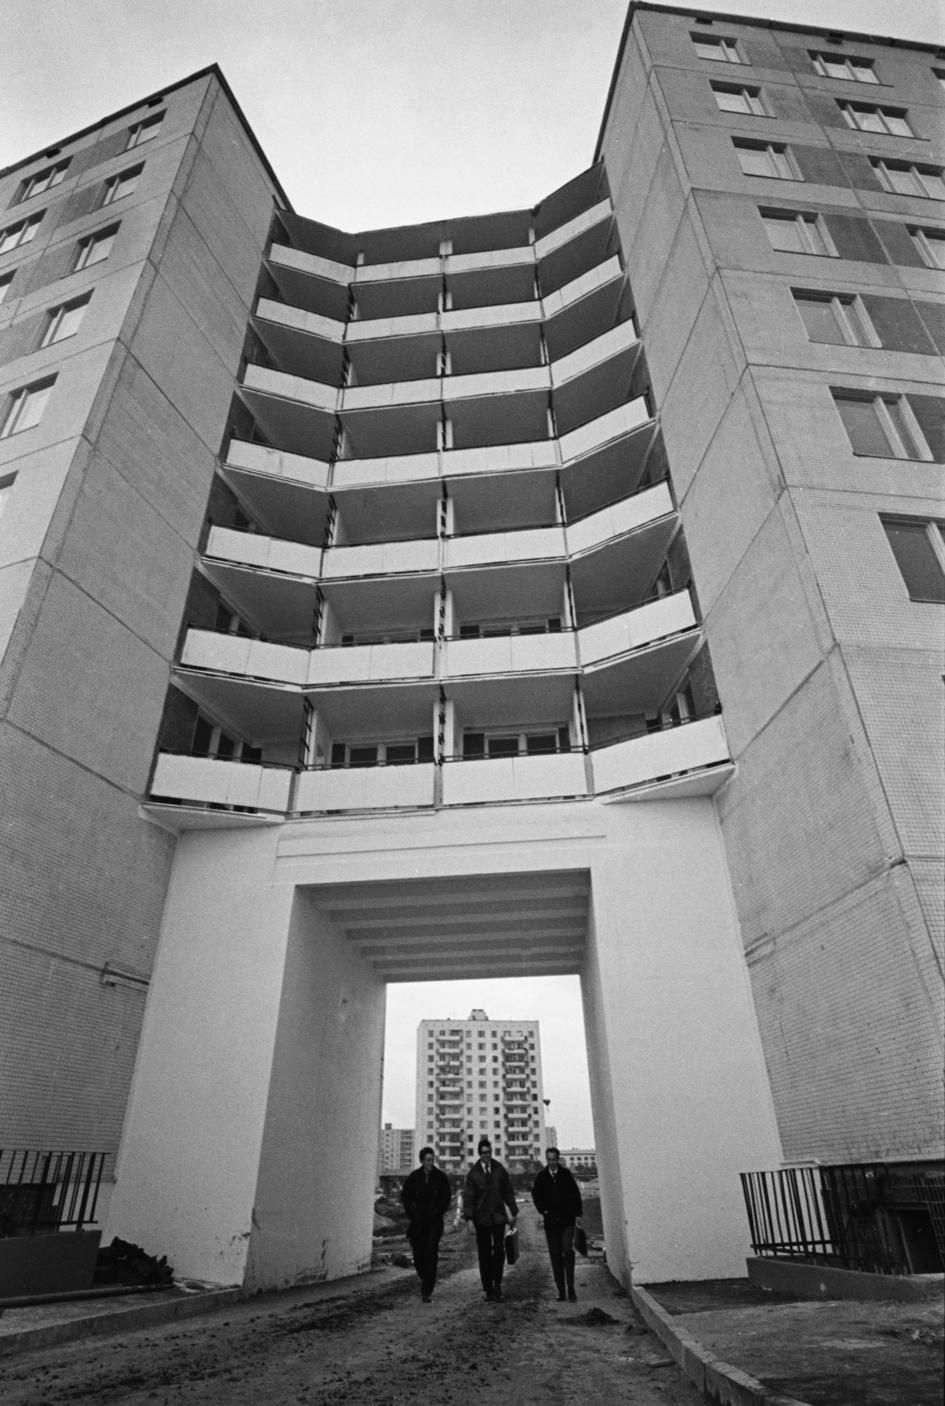 Дом II-49 из серии девятиэтажных многосекционных панельных домов, разработанной Московским научно-исследовательским и проектным институтом типологии, экспериментального проектирования. 1973 год